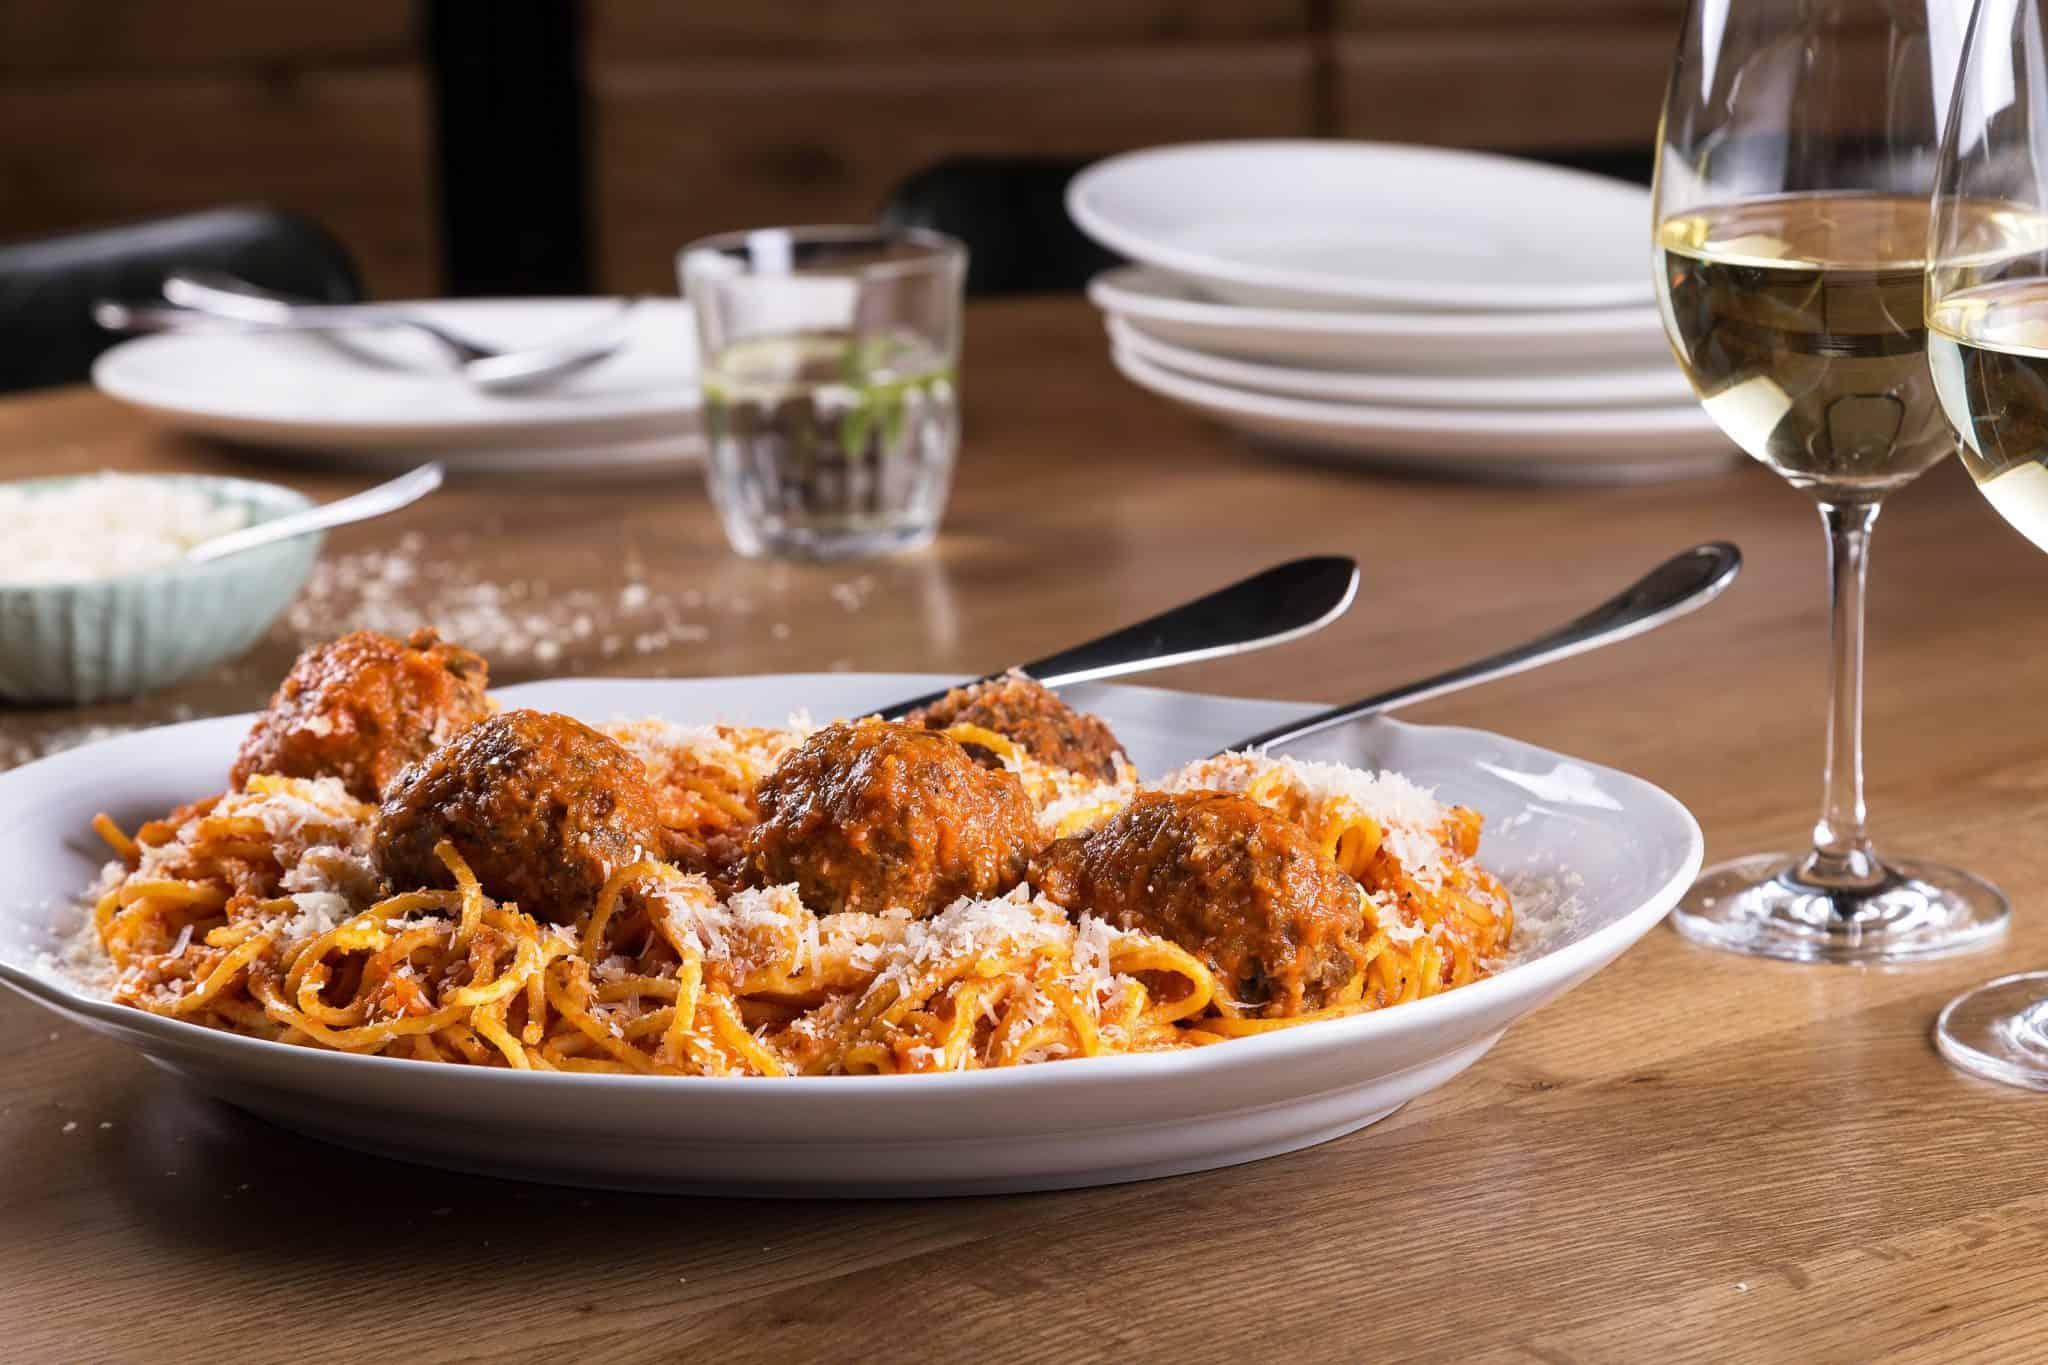 ספגטי מיטבולס בטיטו. צילום: שרית גופן